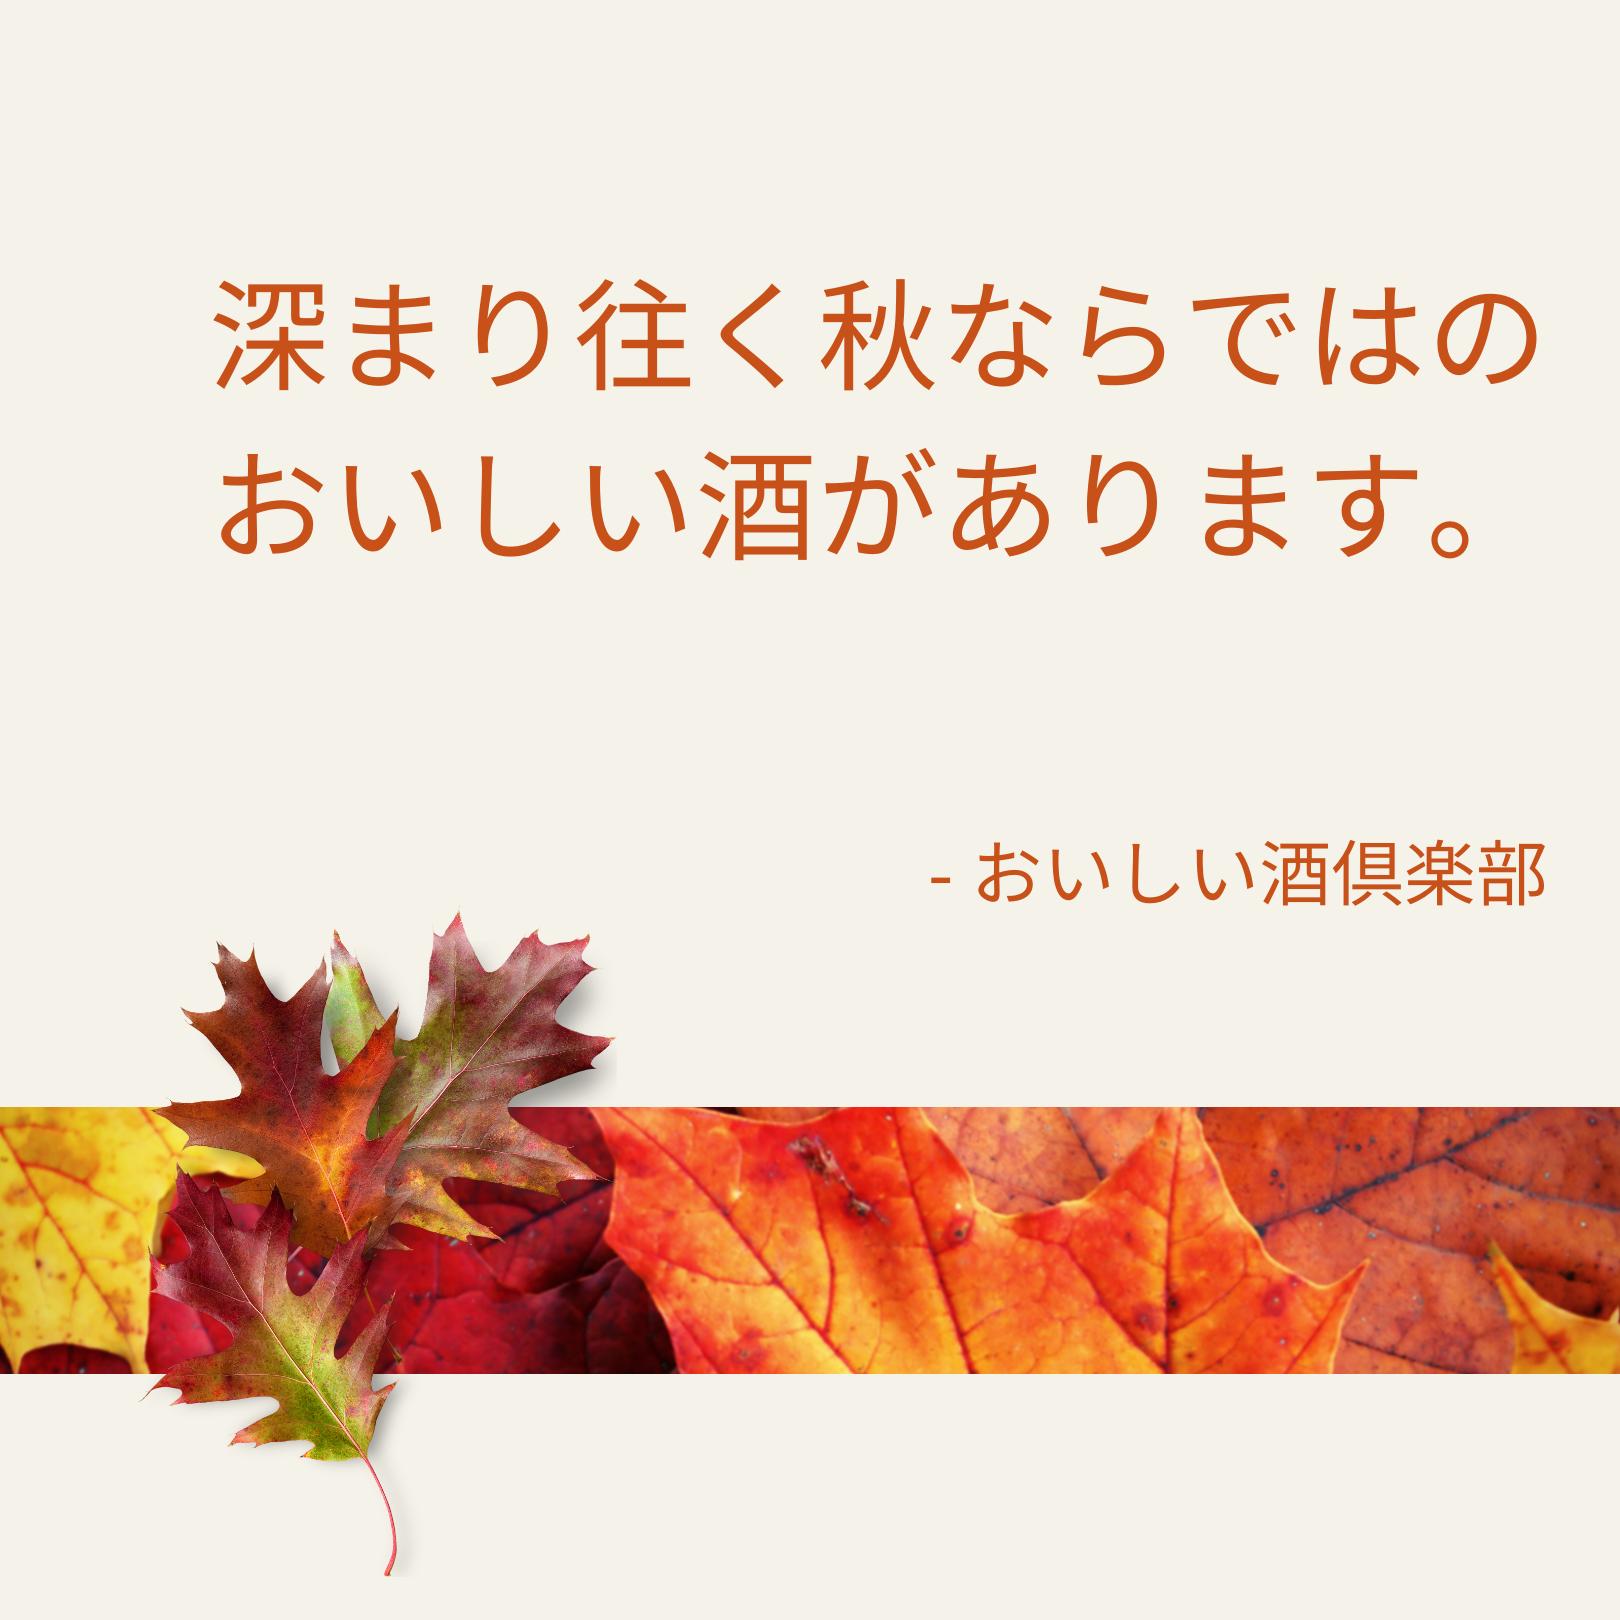 深まり往く秋に似合う銘柄